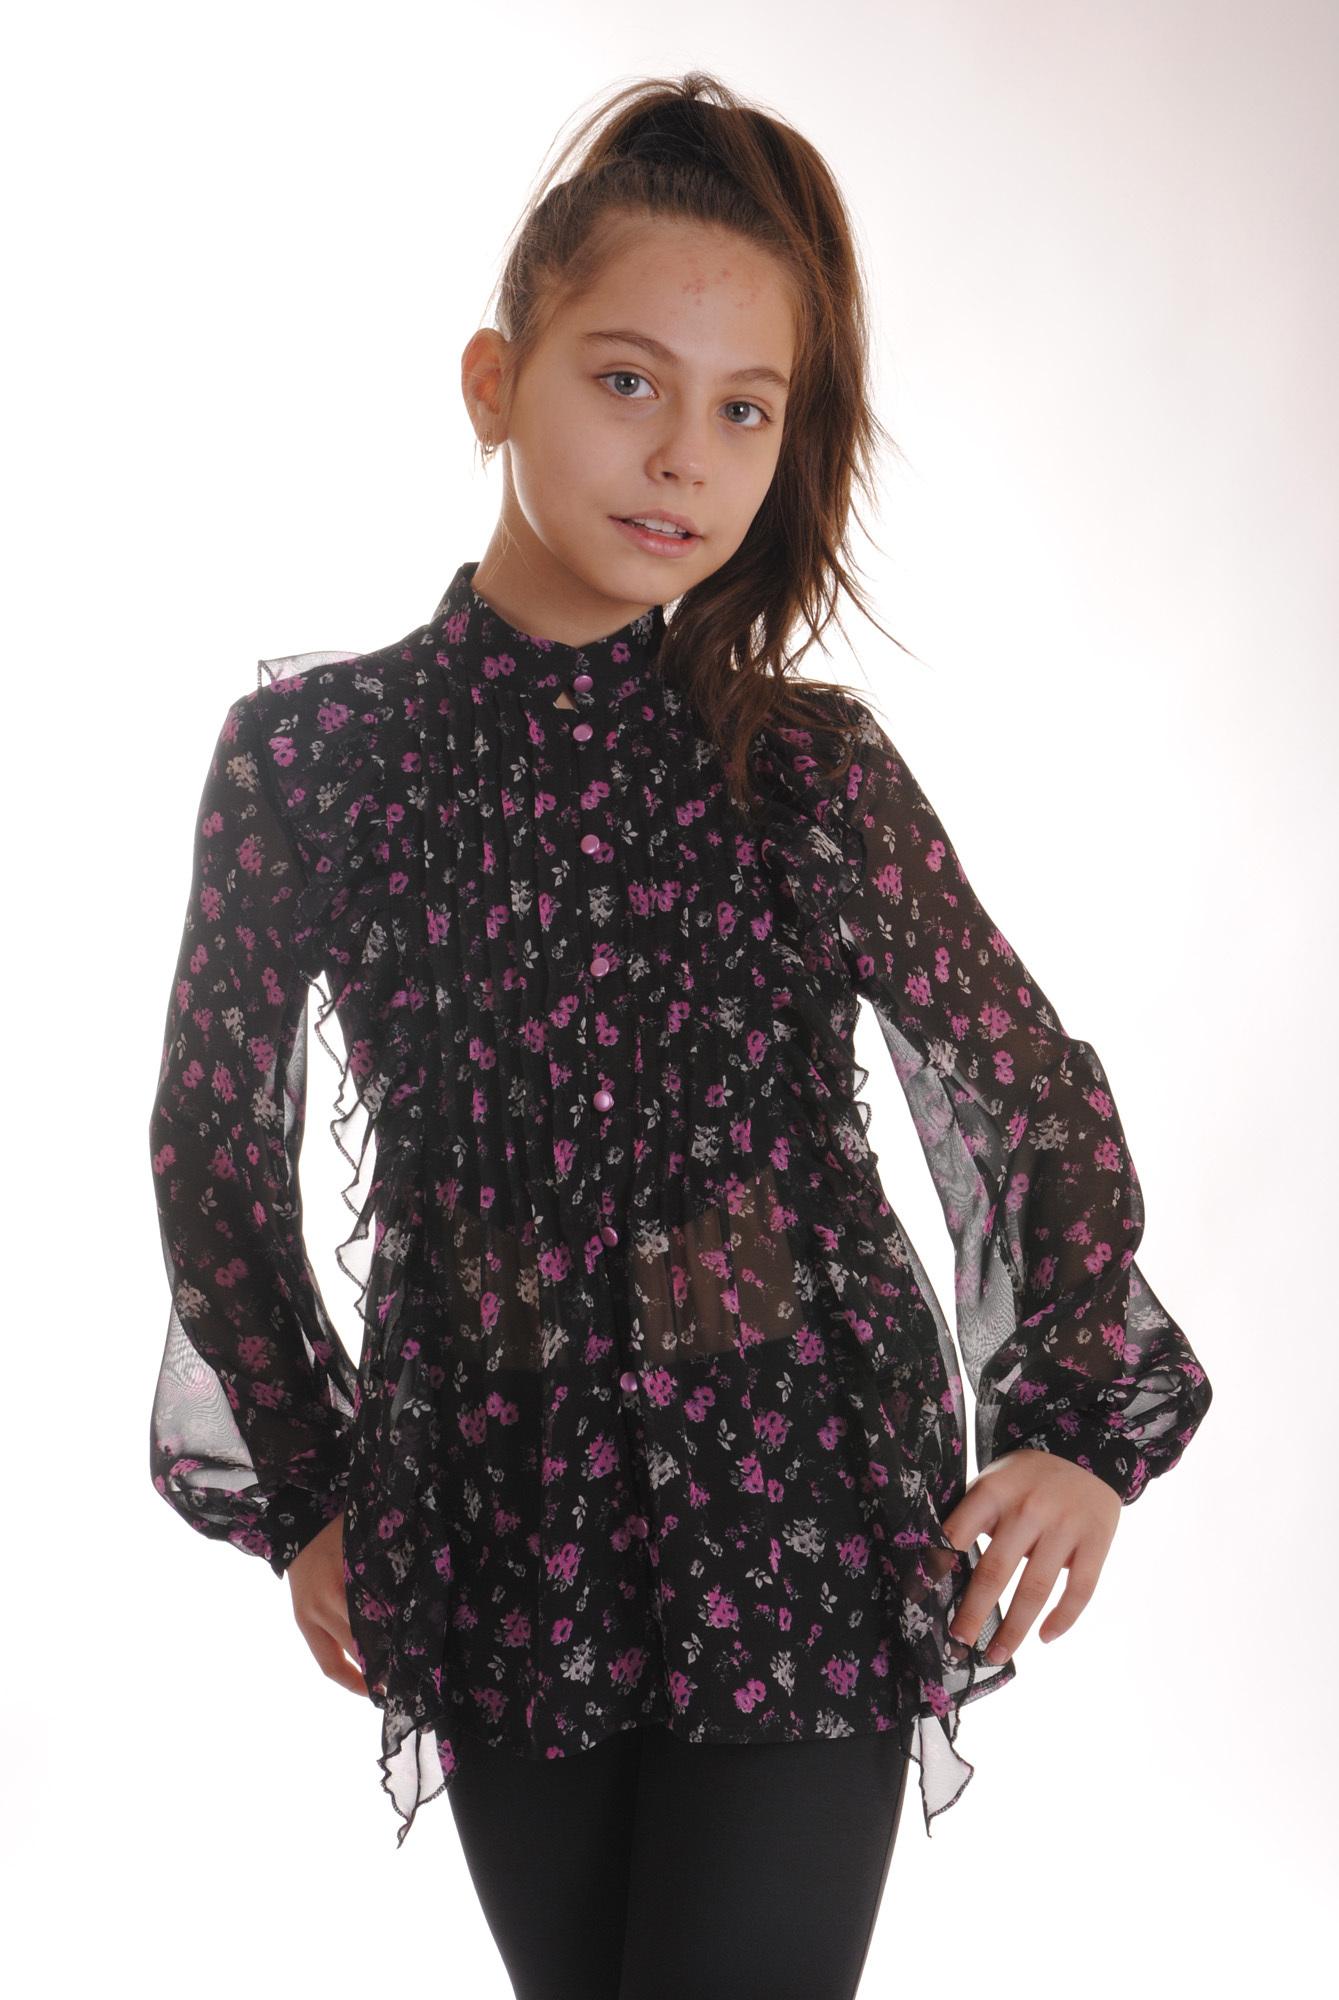 Нарядные блузки 2012 фото - Все о моде